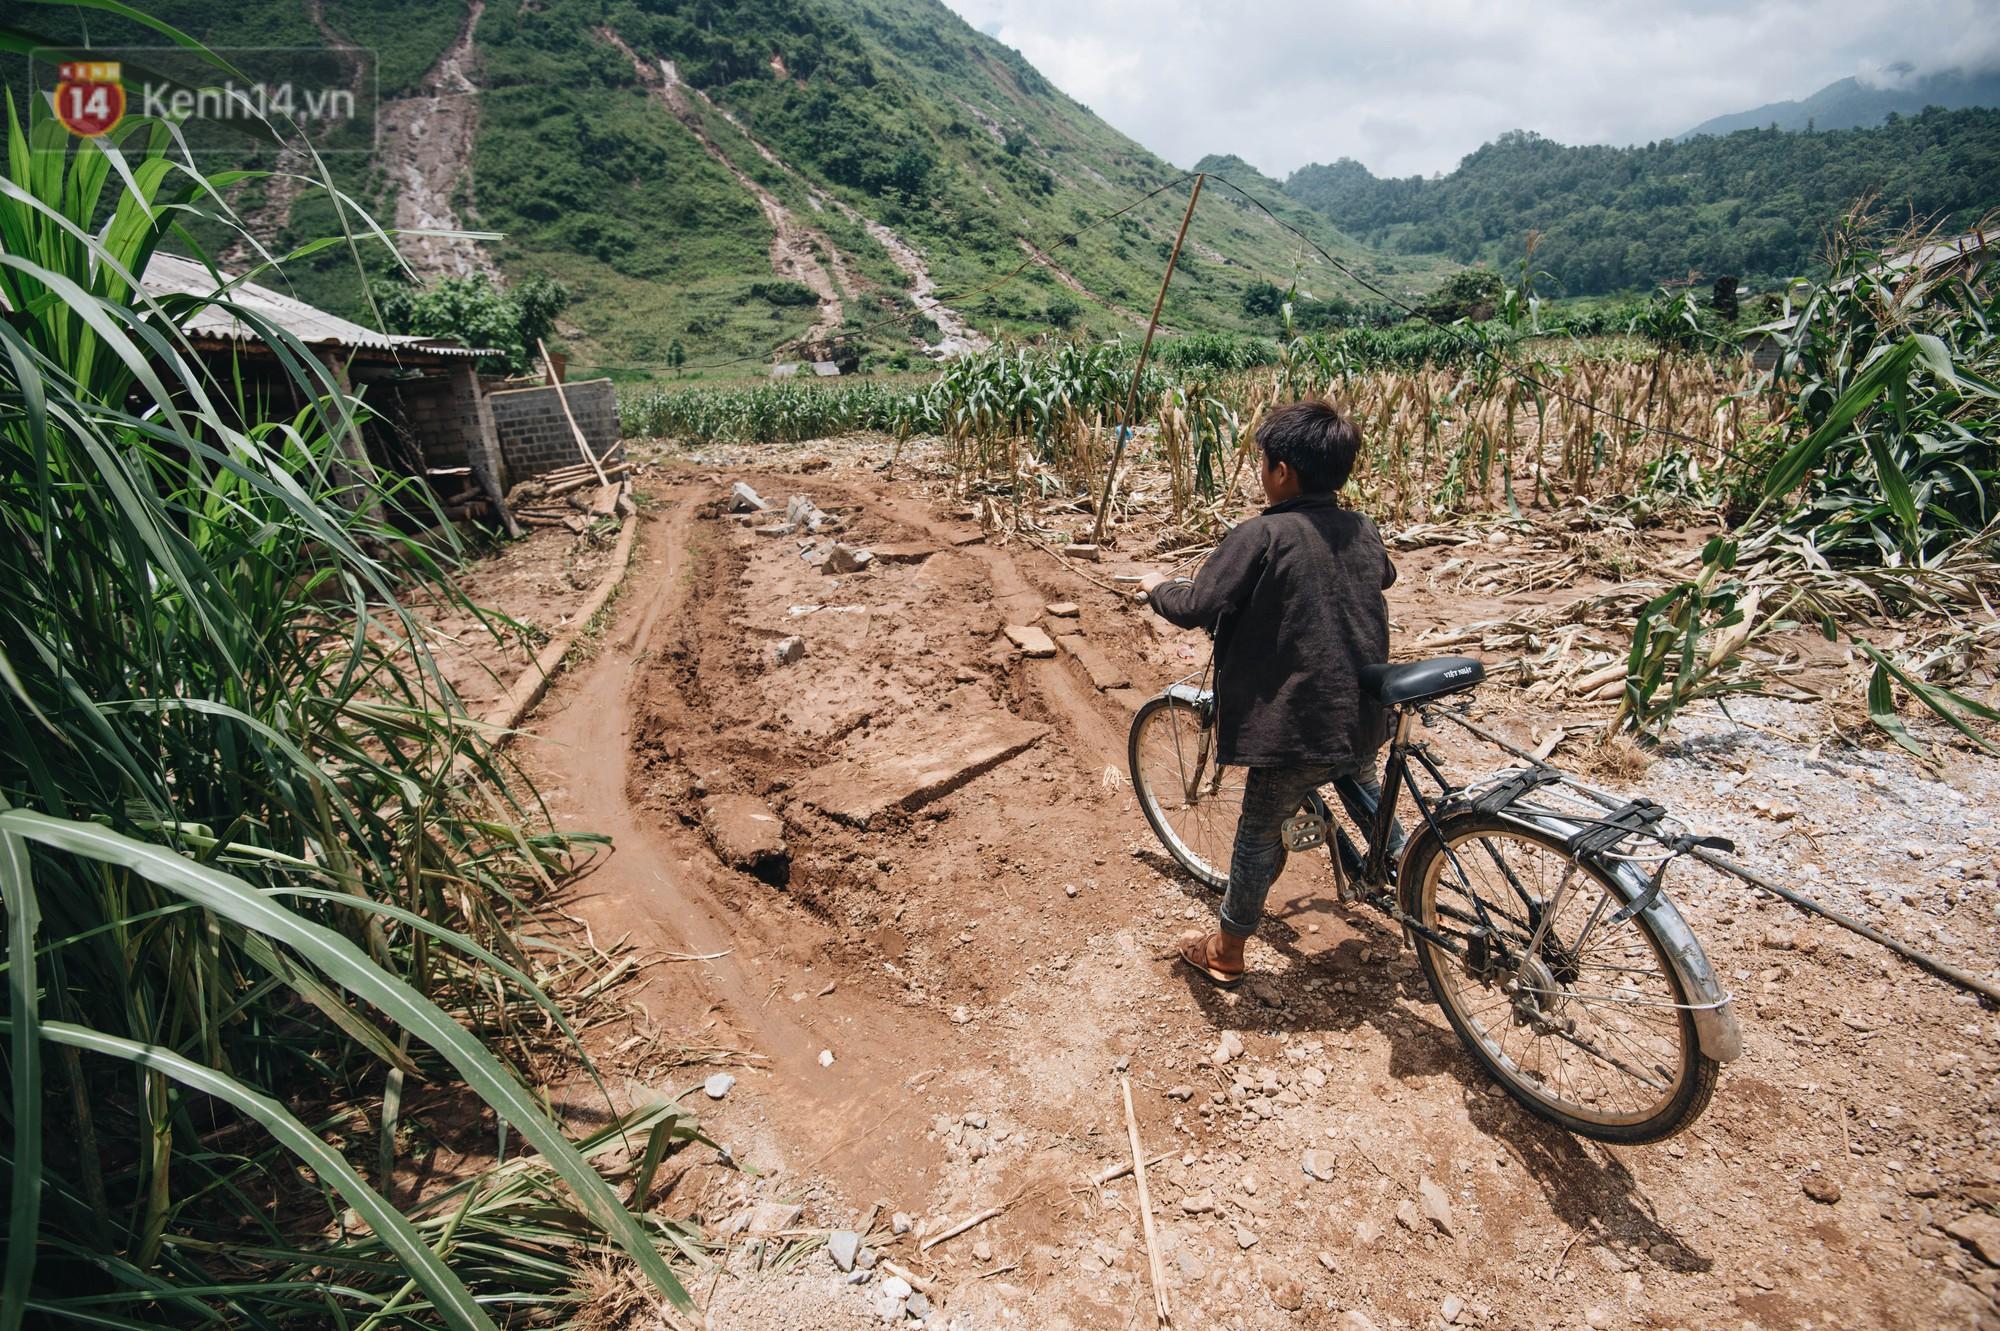 Trận lũ đau thương ở Hà Giang trong vòng 10 năm qua: 'Giờ đâu còn nhà nữa, mất hết, lũ cuốn trôi hết rồi...' 18